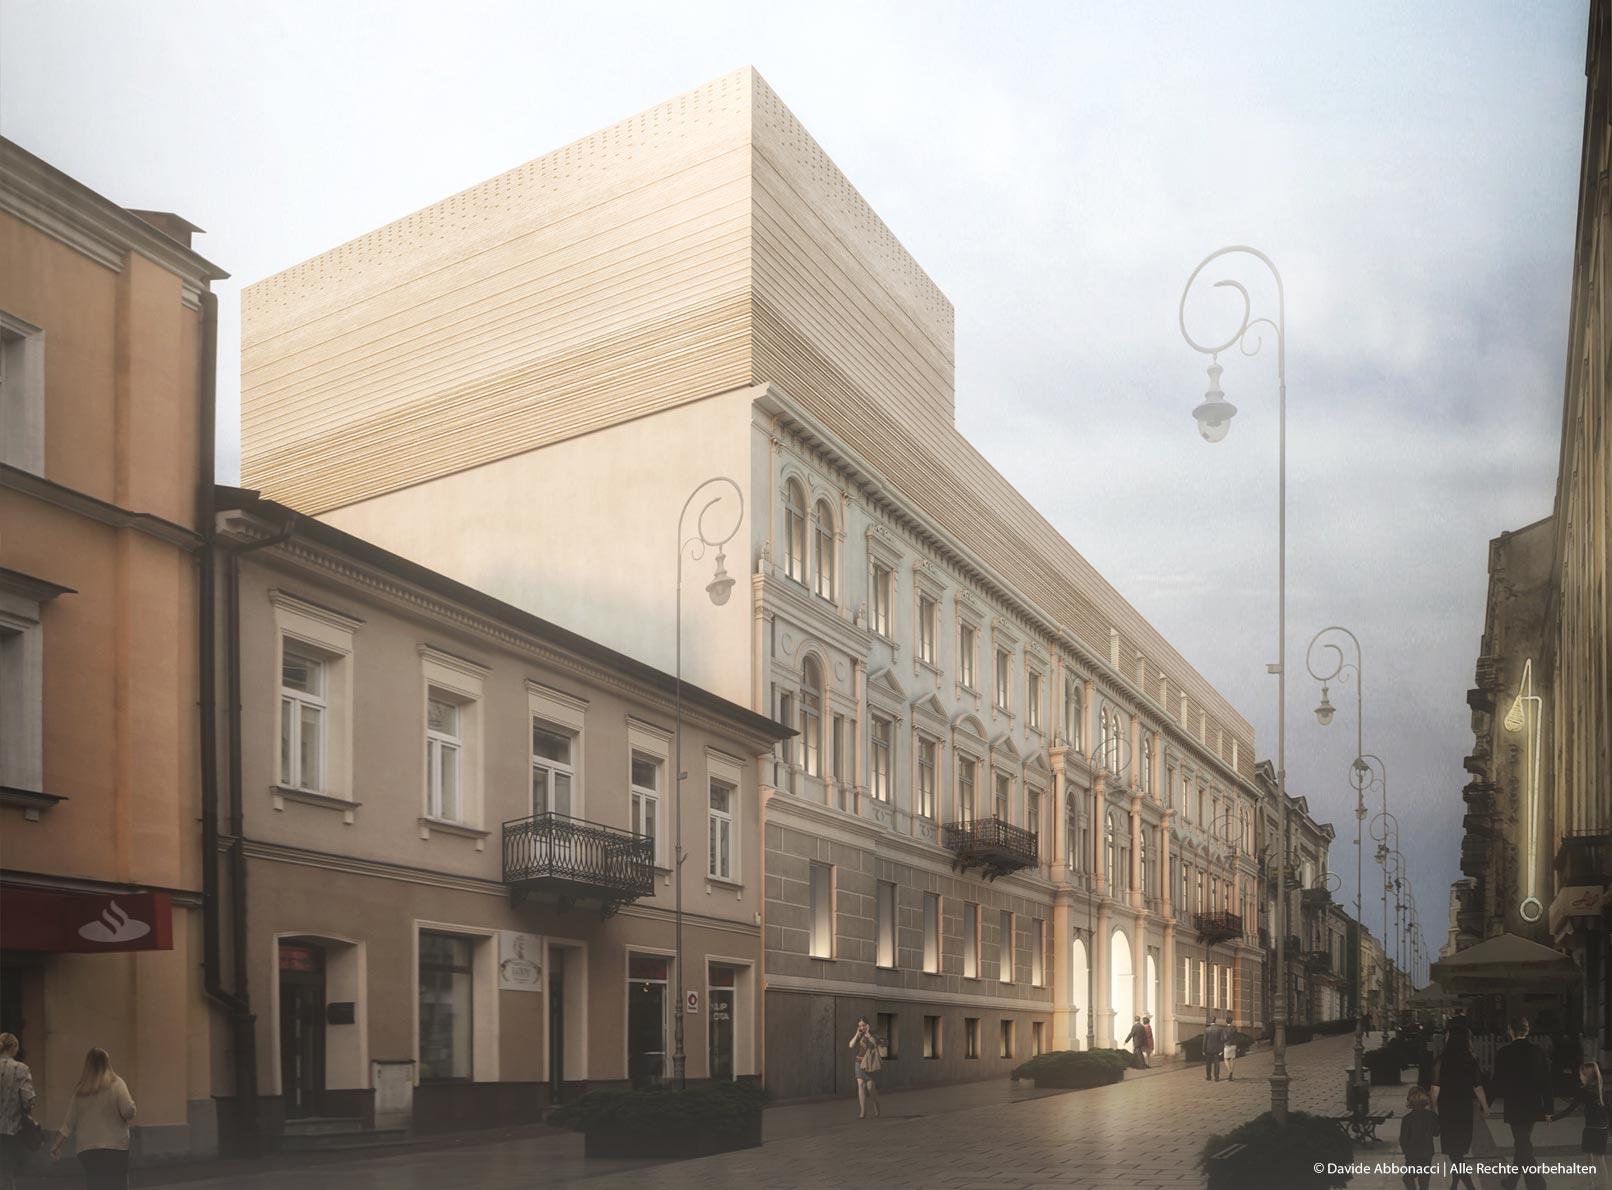 Umbau Zeromski Theater, Kielce, Polen | M-OST Architekten - Patrycja Okuljar mit Malgorzata Zmyslowska | 2017 Wettbewerbsvisualisierung | 2. Preis